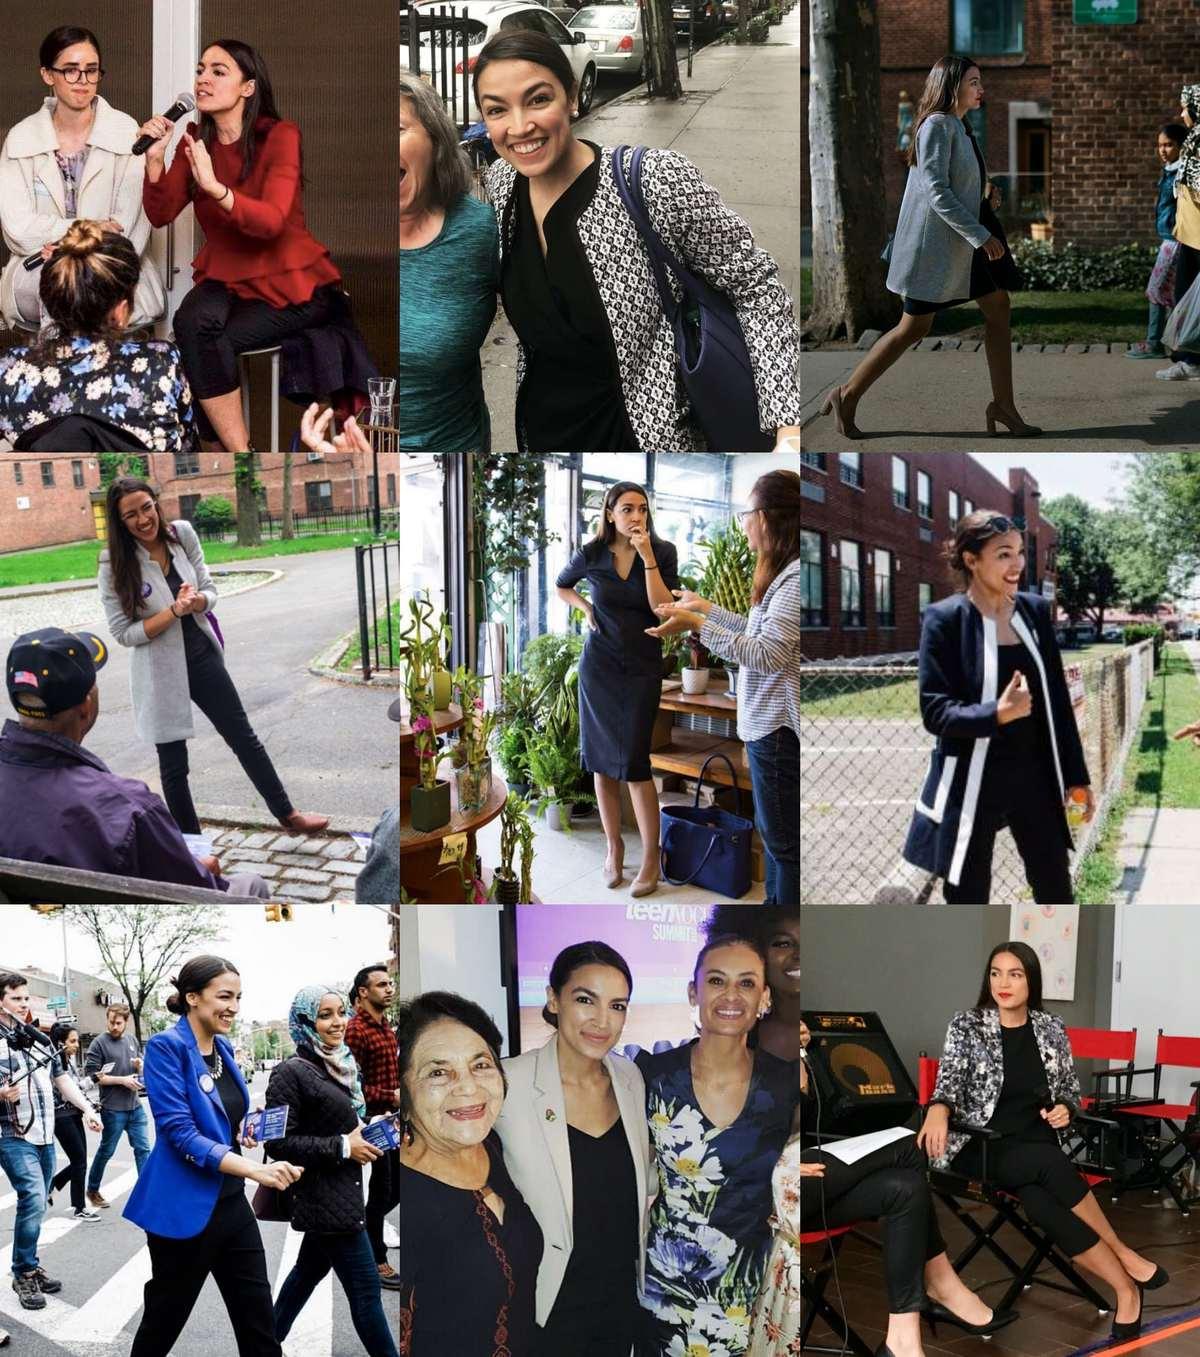 Alexandria Ocasio Cortez campaign style